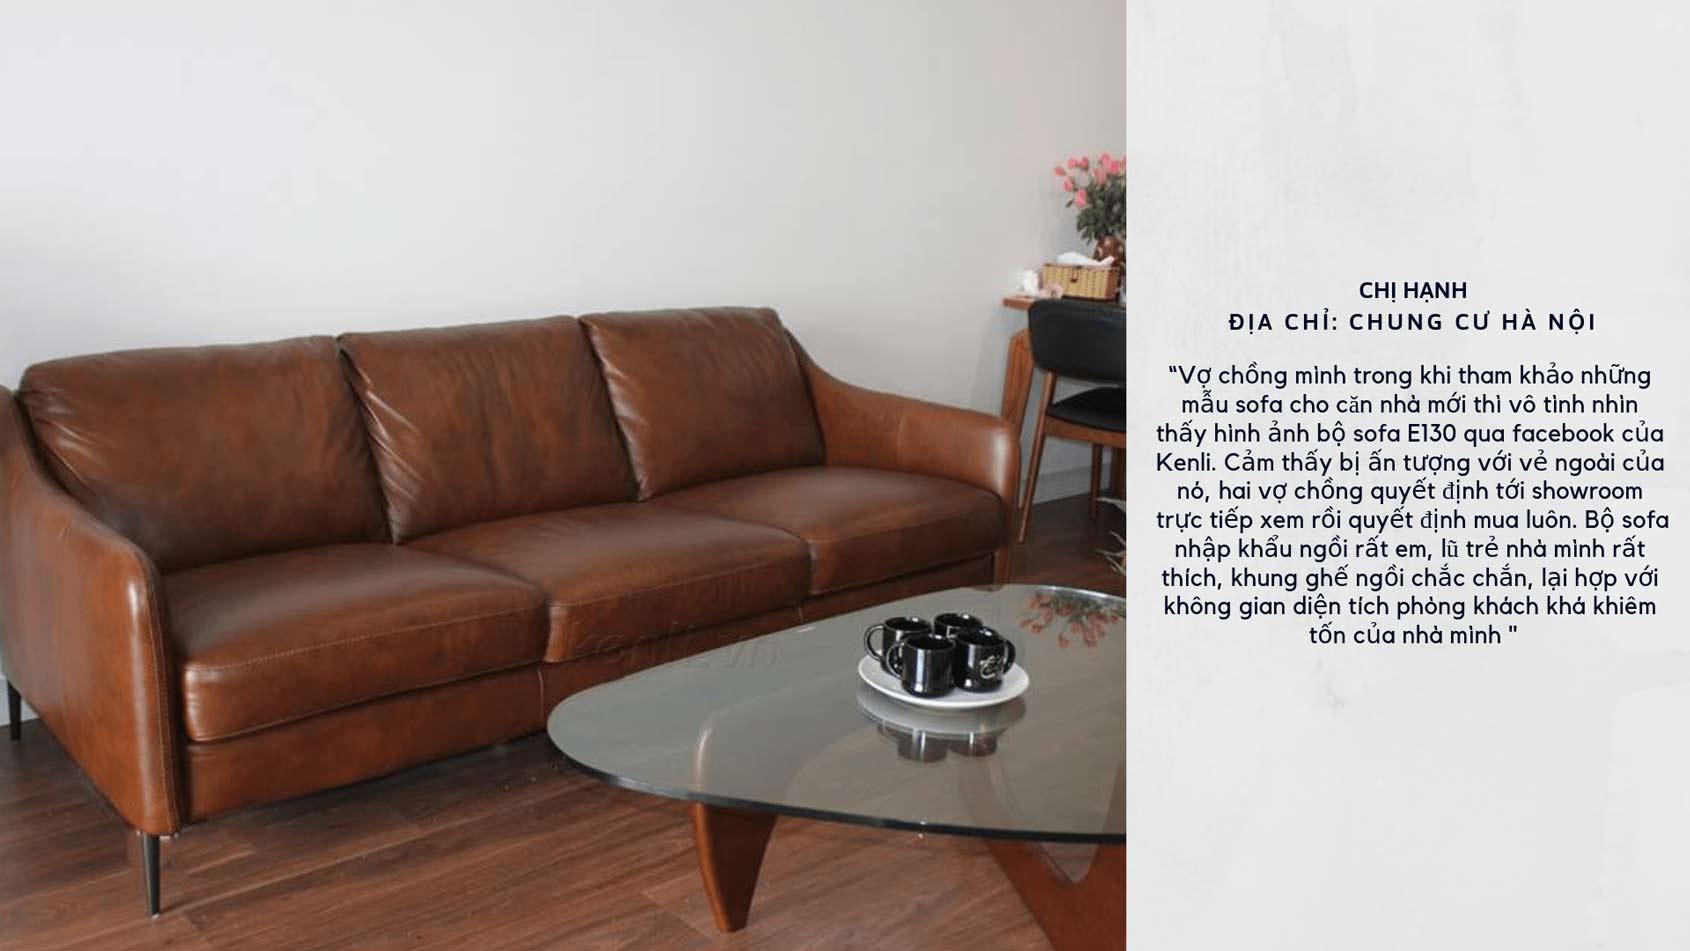 Sofa e130 kết hợp bàn trà Canva